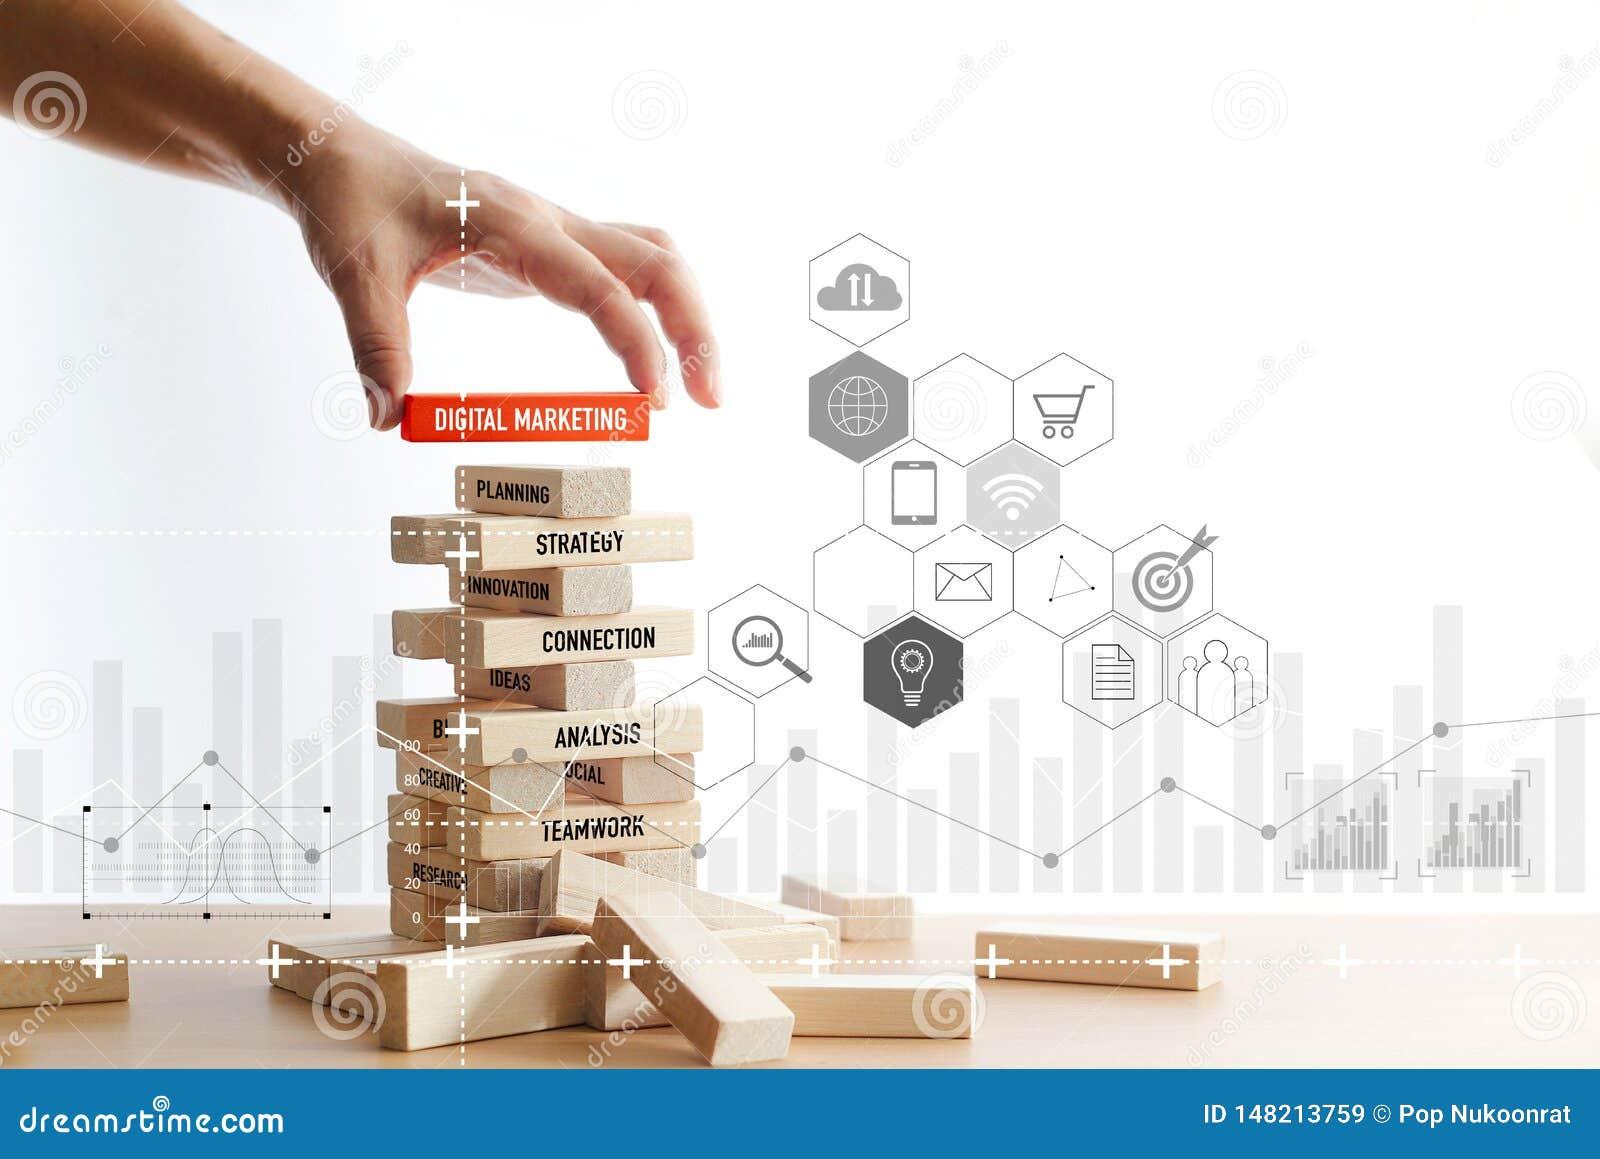 Mão que guarda o bloco de madeira com palavra de mercado digital com conexão de rede digital do ícone na estrutura de blocos de m